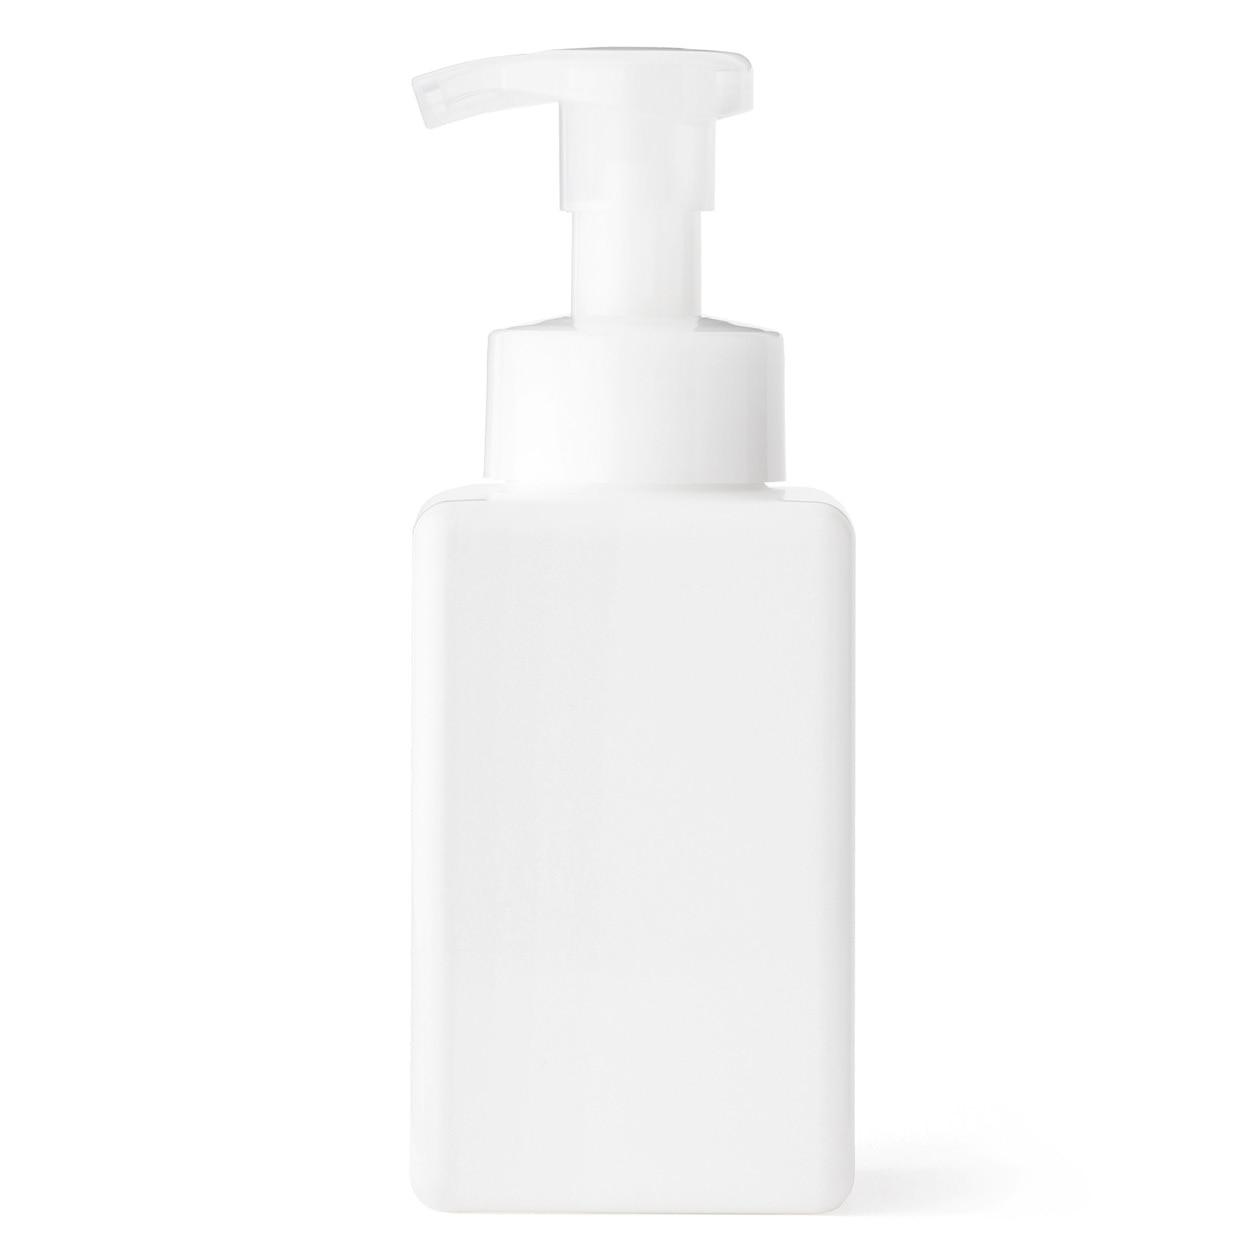 RoomClip商品情報 - PET詰替ボトル・泡タイプ・クリア・400ml用 ホワイト・400ml用